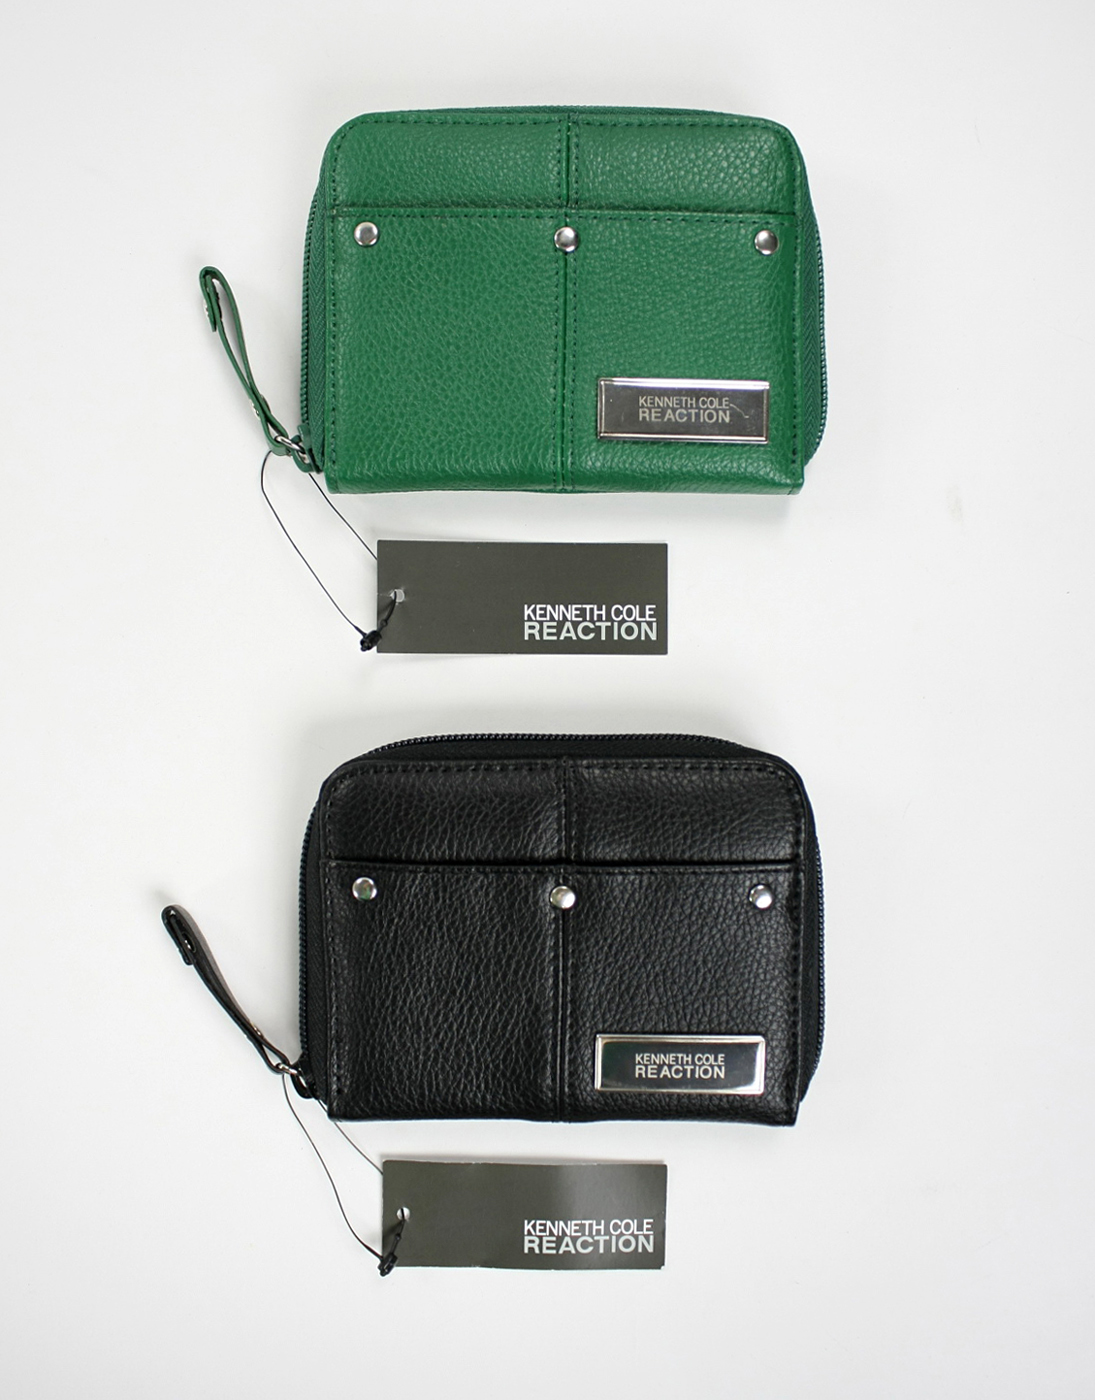 美國百分百【全新真品】Kenneth Cole KC 女生 真皮 短夾 鑰匙包 零錢包 拉鍊 黑色 綠色  B435